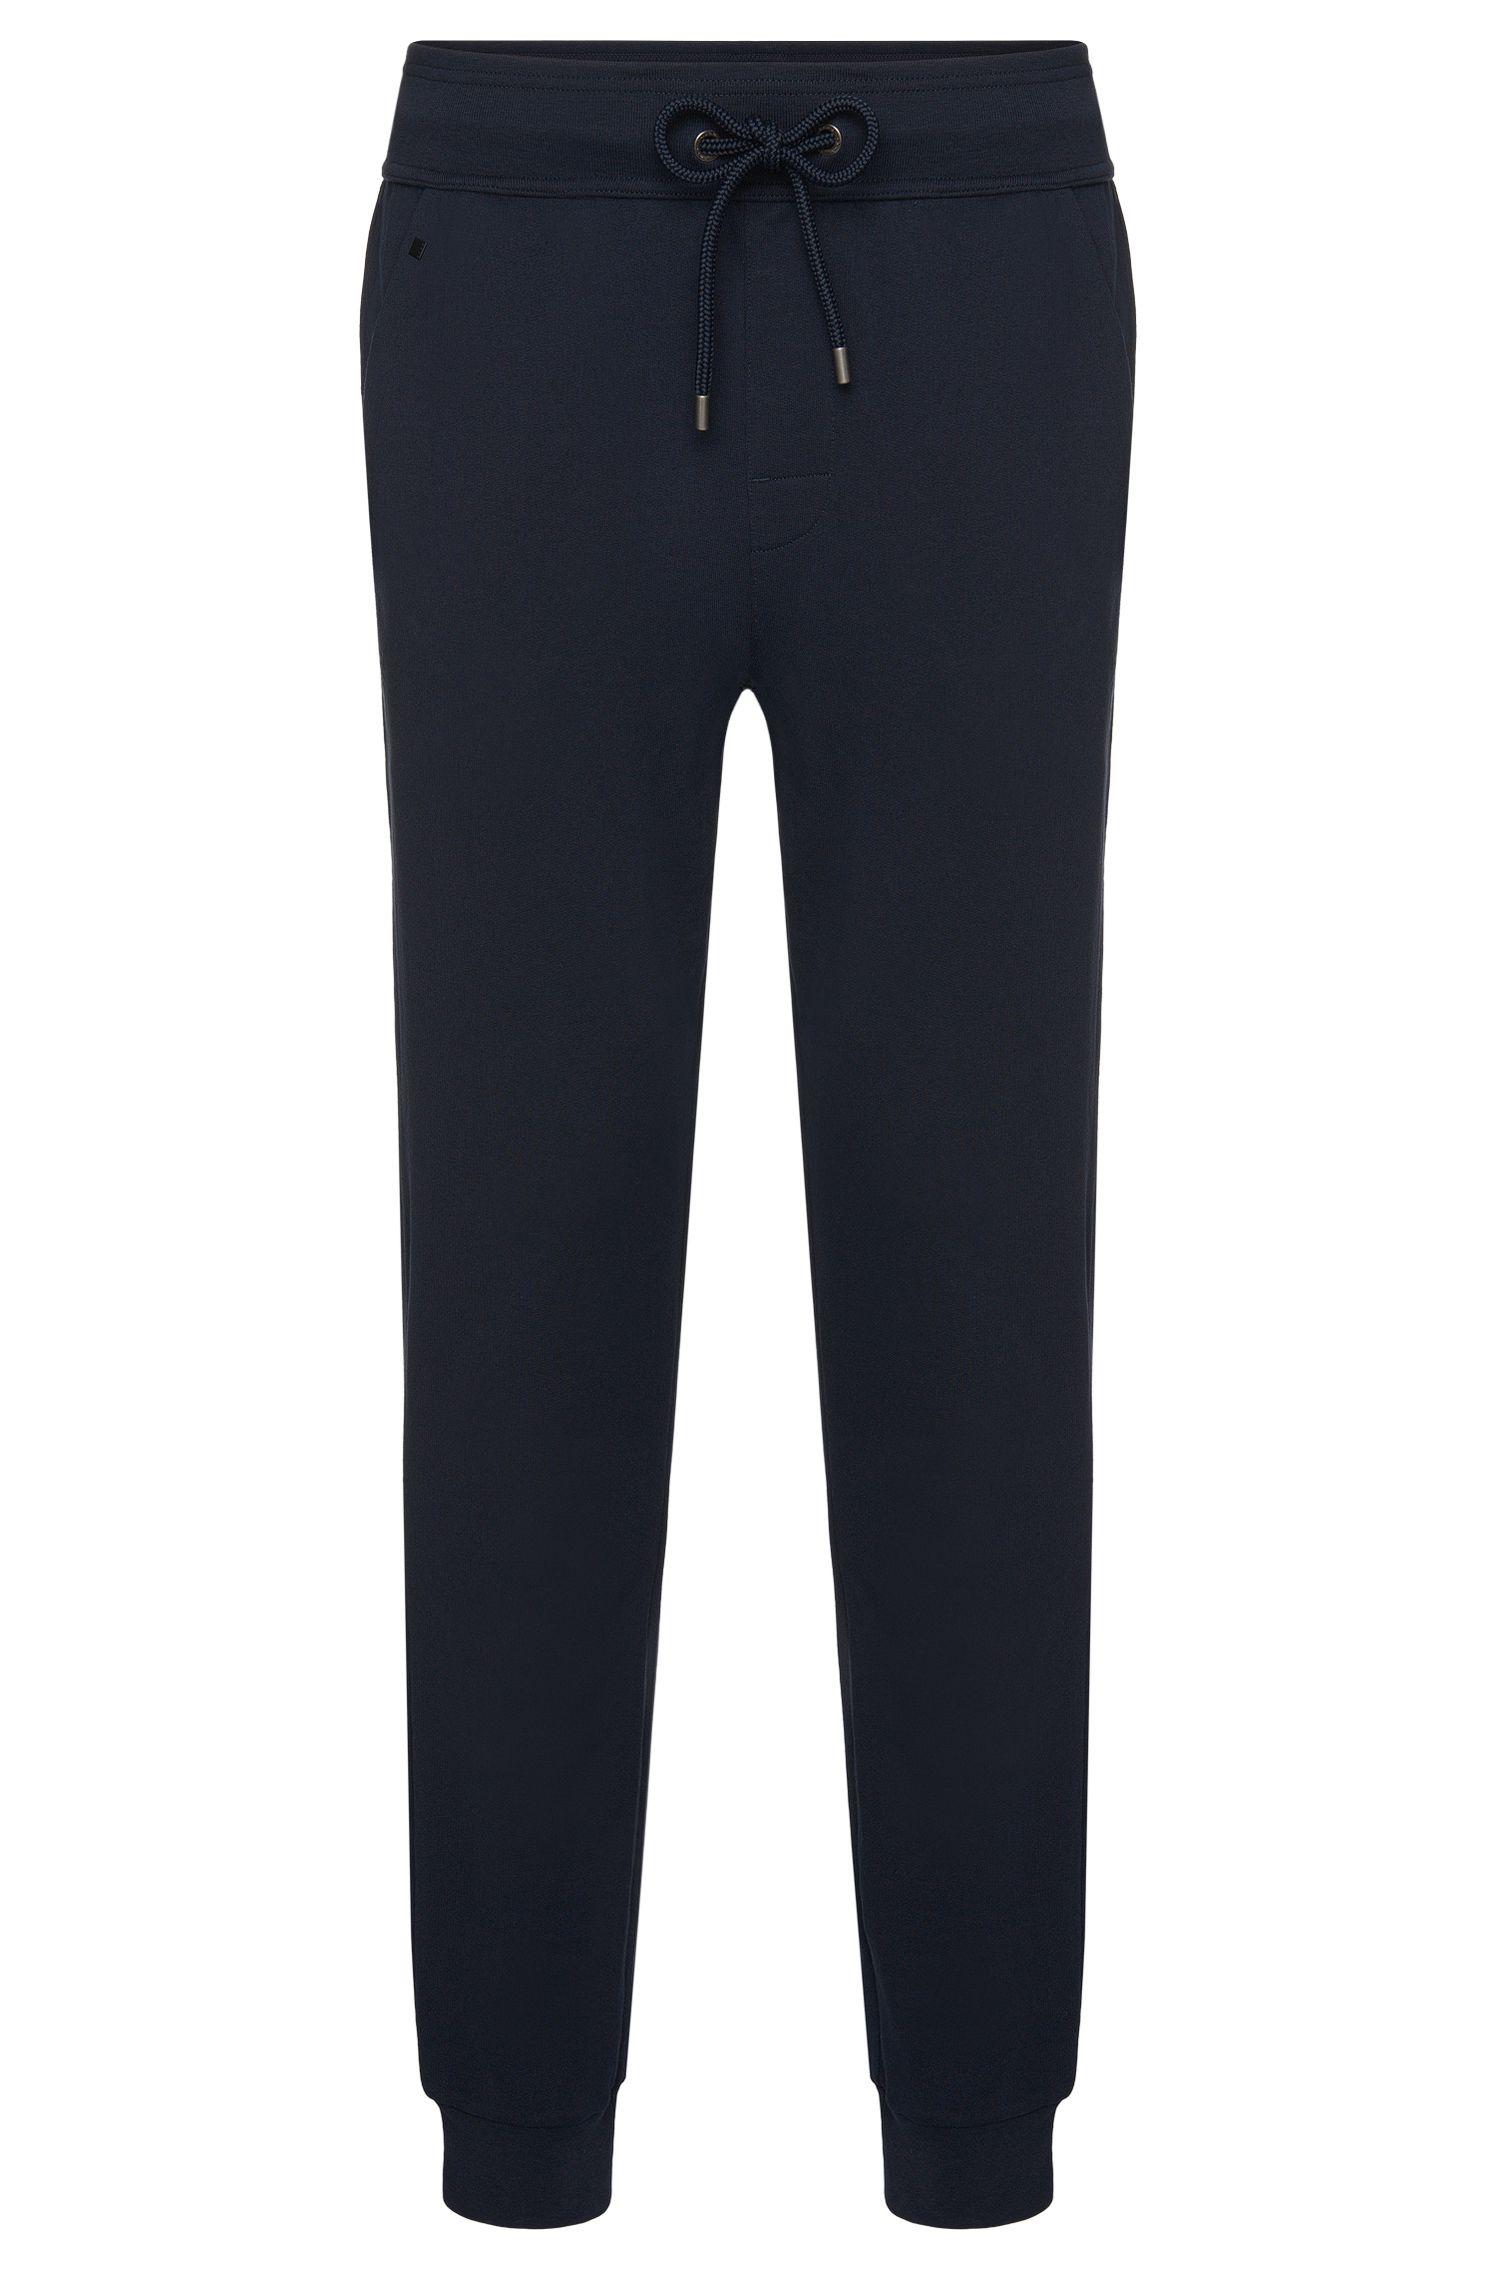 Cotton Sweat Pant | Long Pant Cuffs